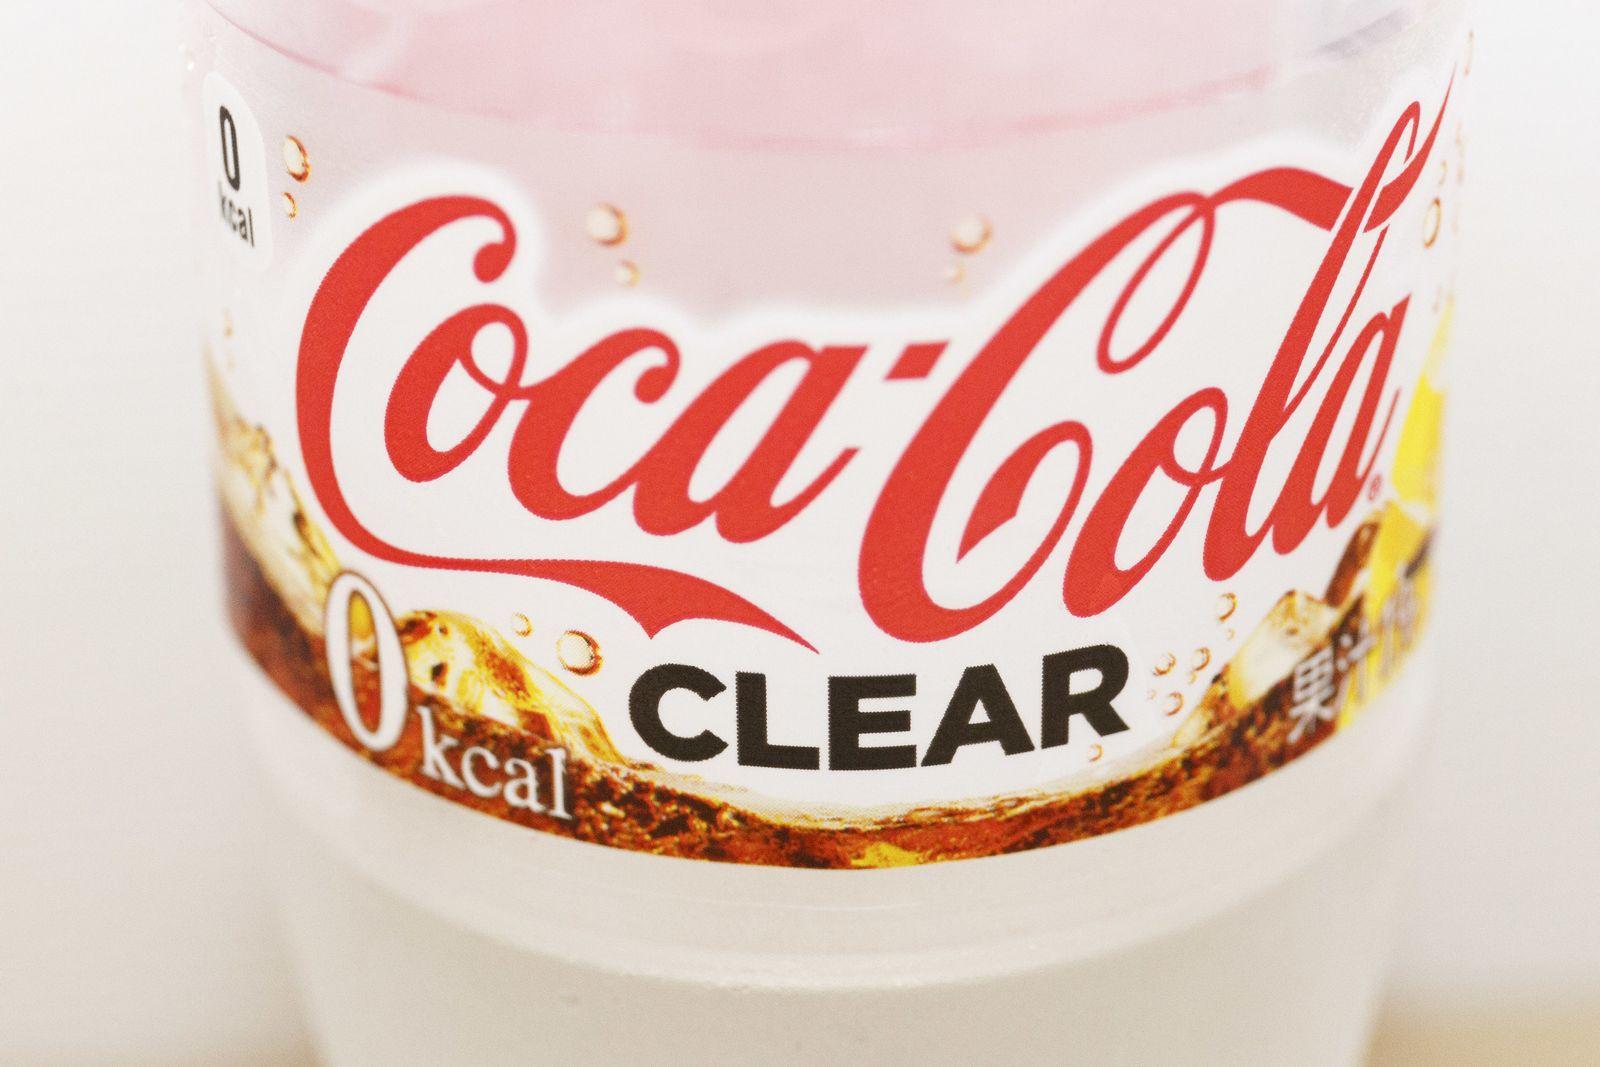 Coca-Cola Clear: Verkaufsstart von durchsichtiger Cola in Japan